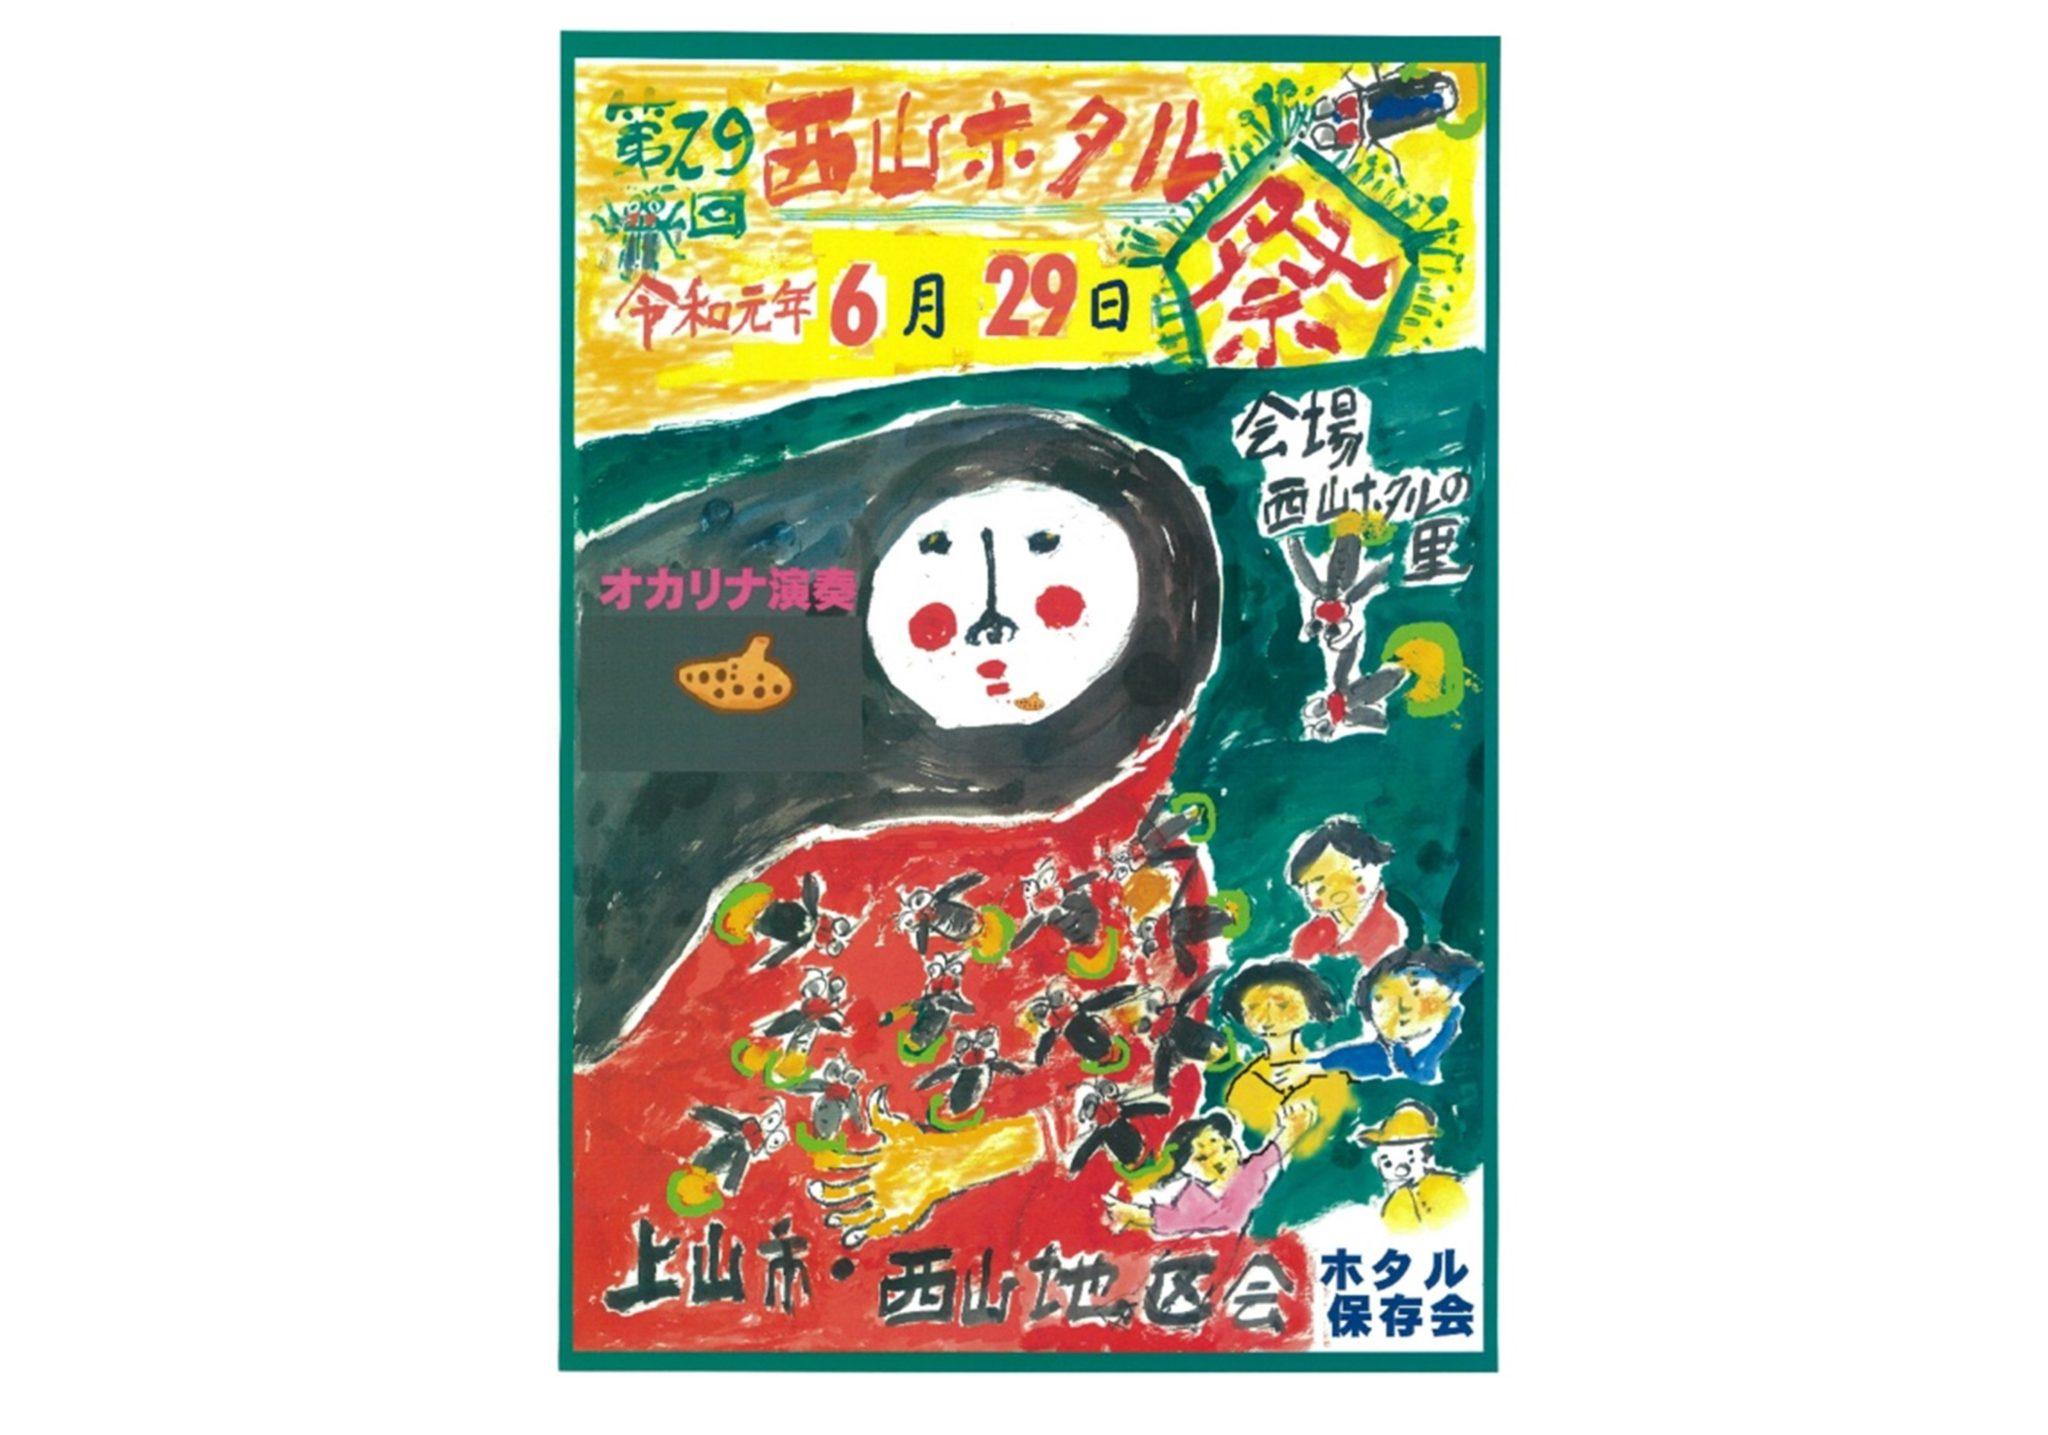 西山ホタル祭り(上山市)